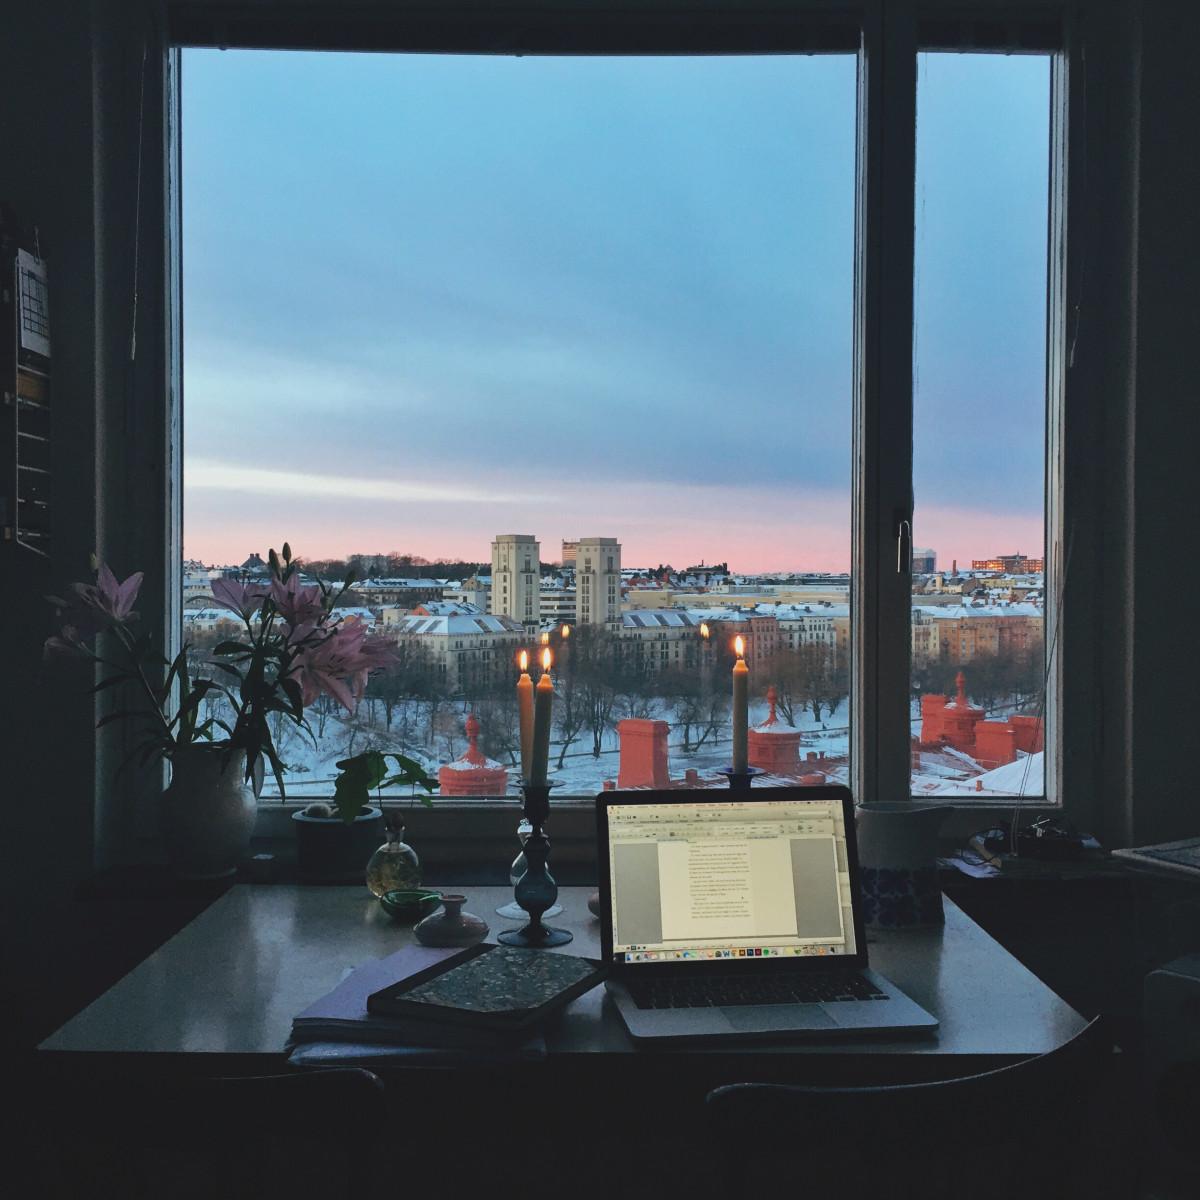 Dator med levande ljus vid fönster, skriva.